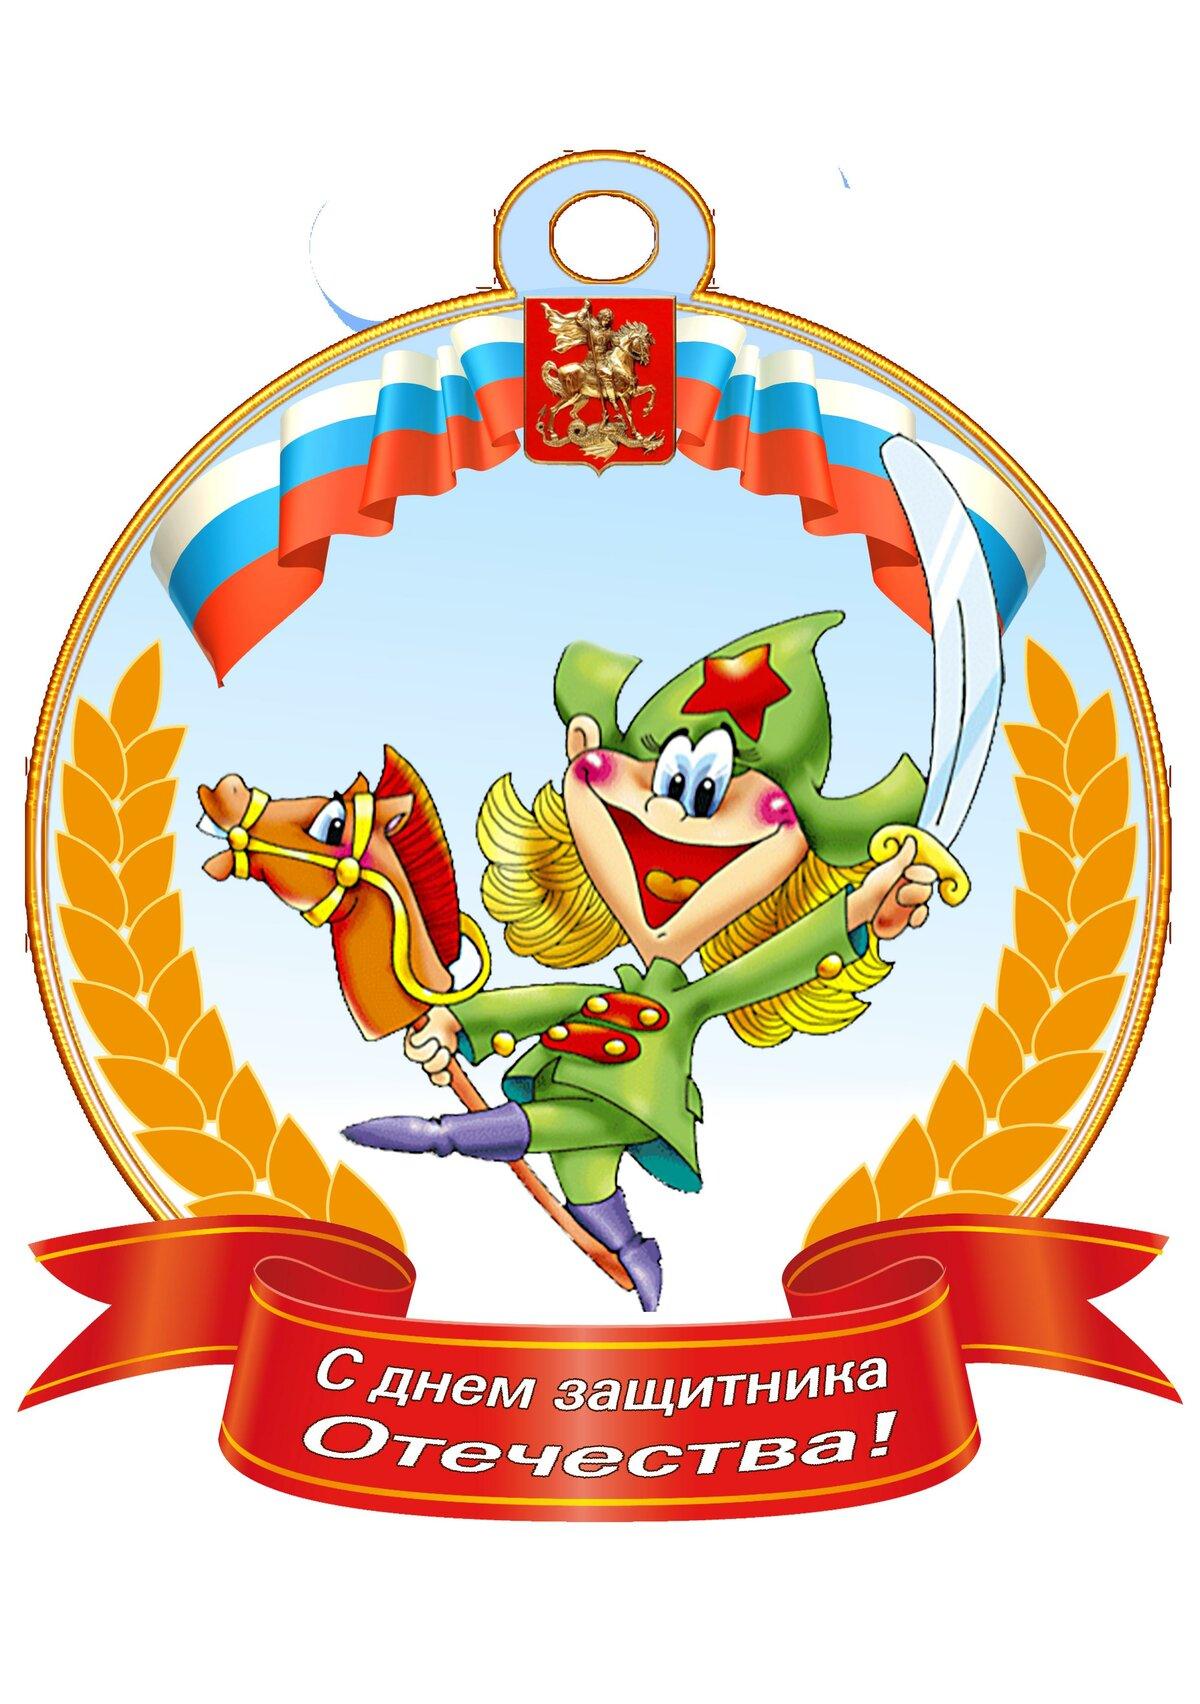 Медали открытки к 23 февраля